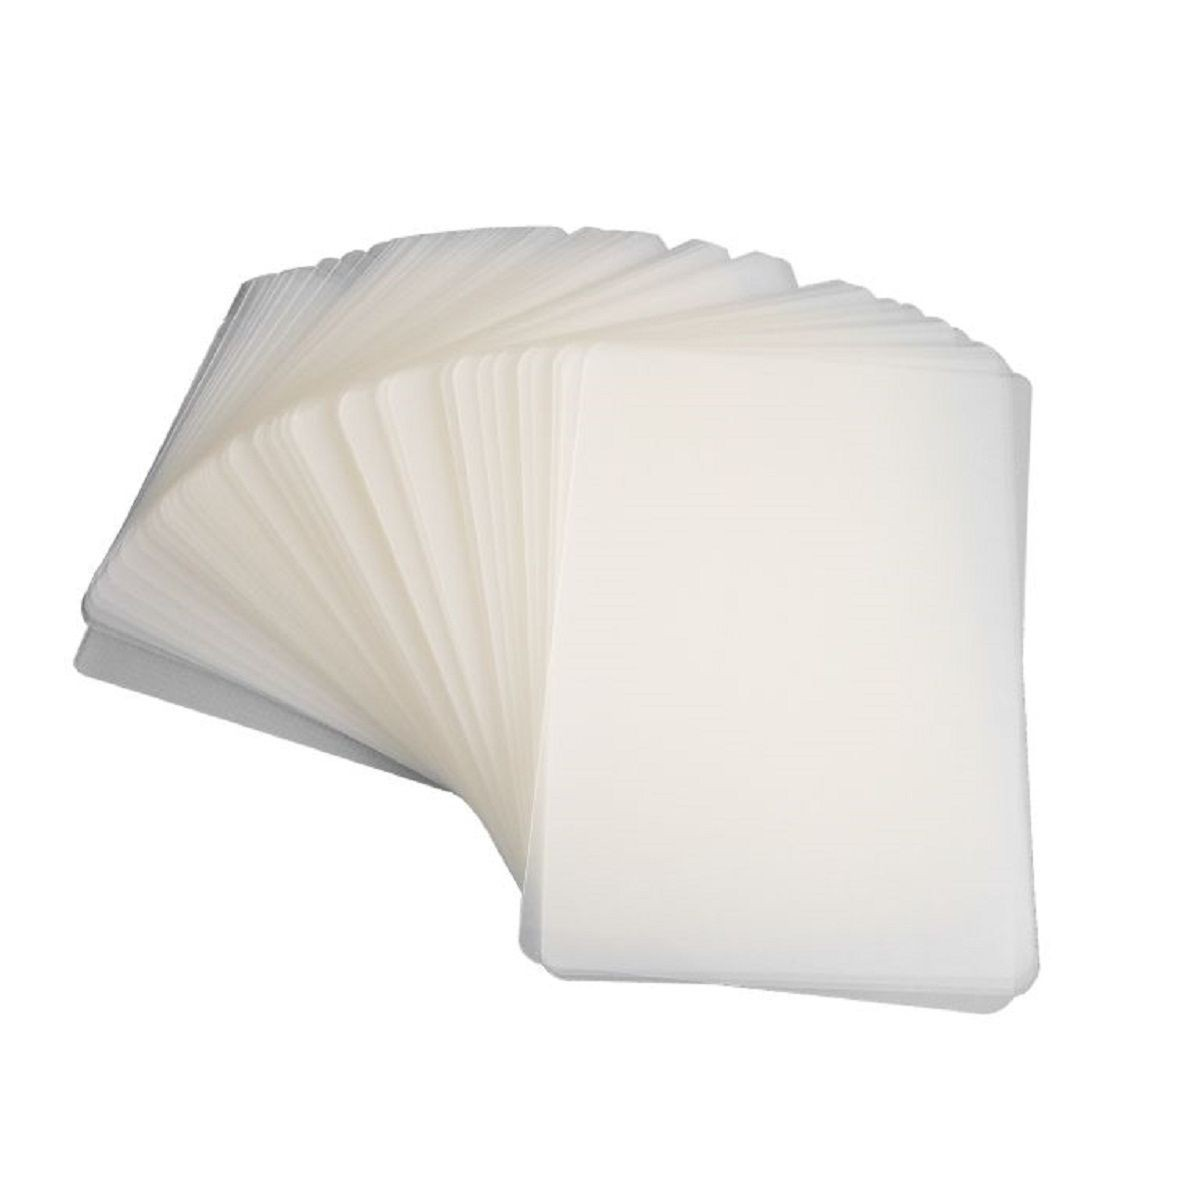 Polaseal para Plastificação Crachá 59x86x0,10mm (250 micras) - Pacote com 100 unidades  - Click Suprimentos